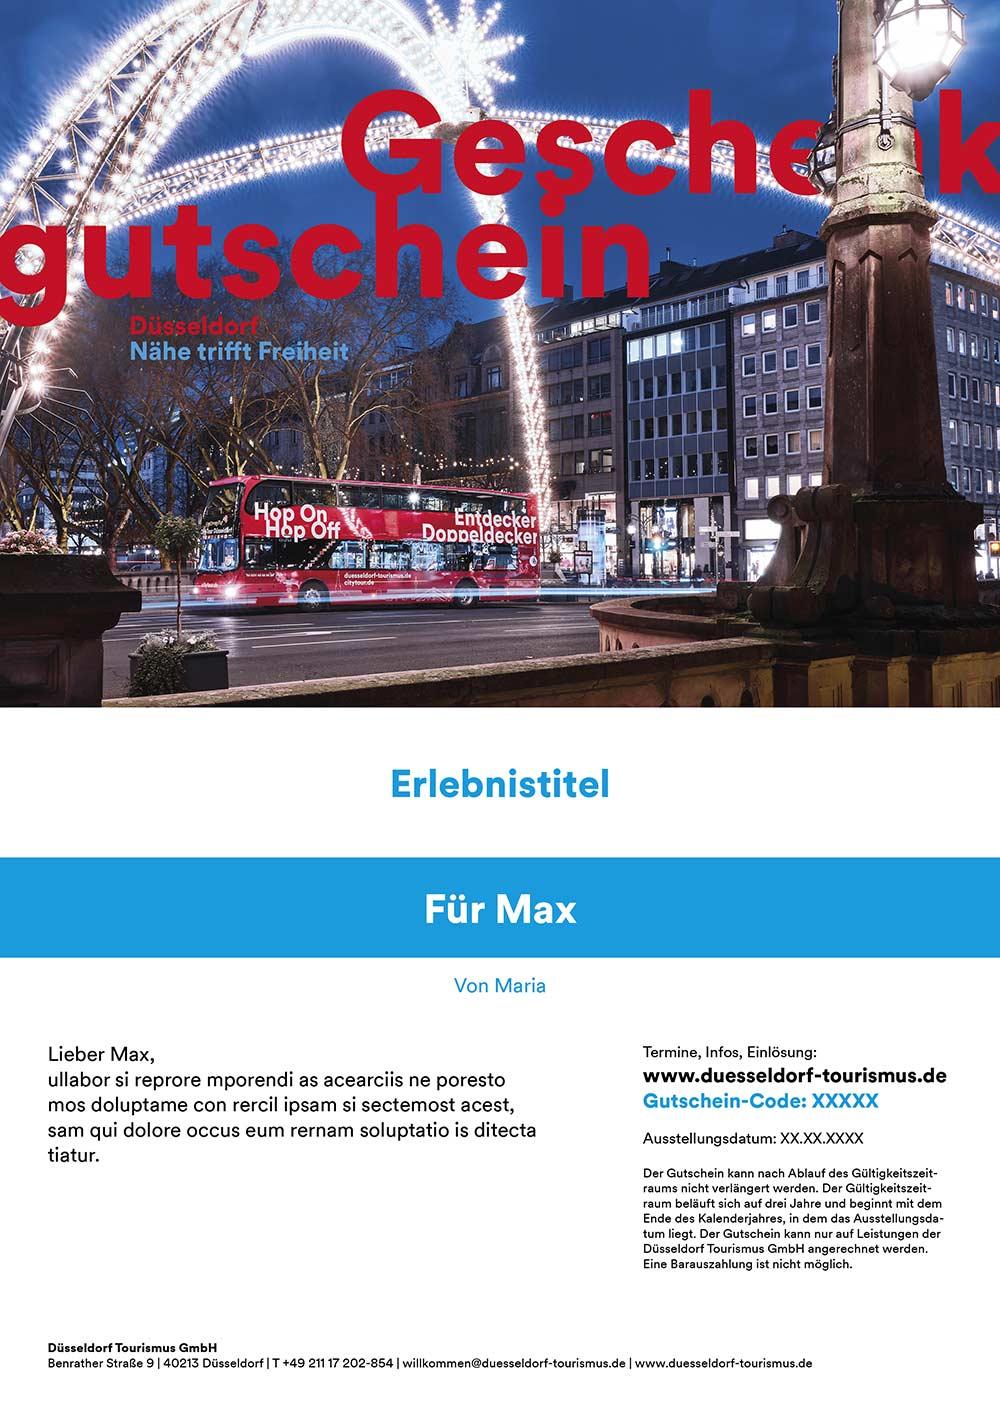 duesseldorf_geschenk-8: Allgemein